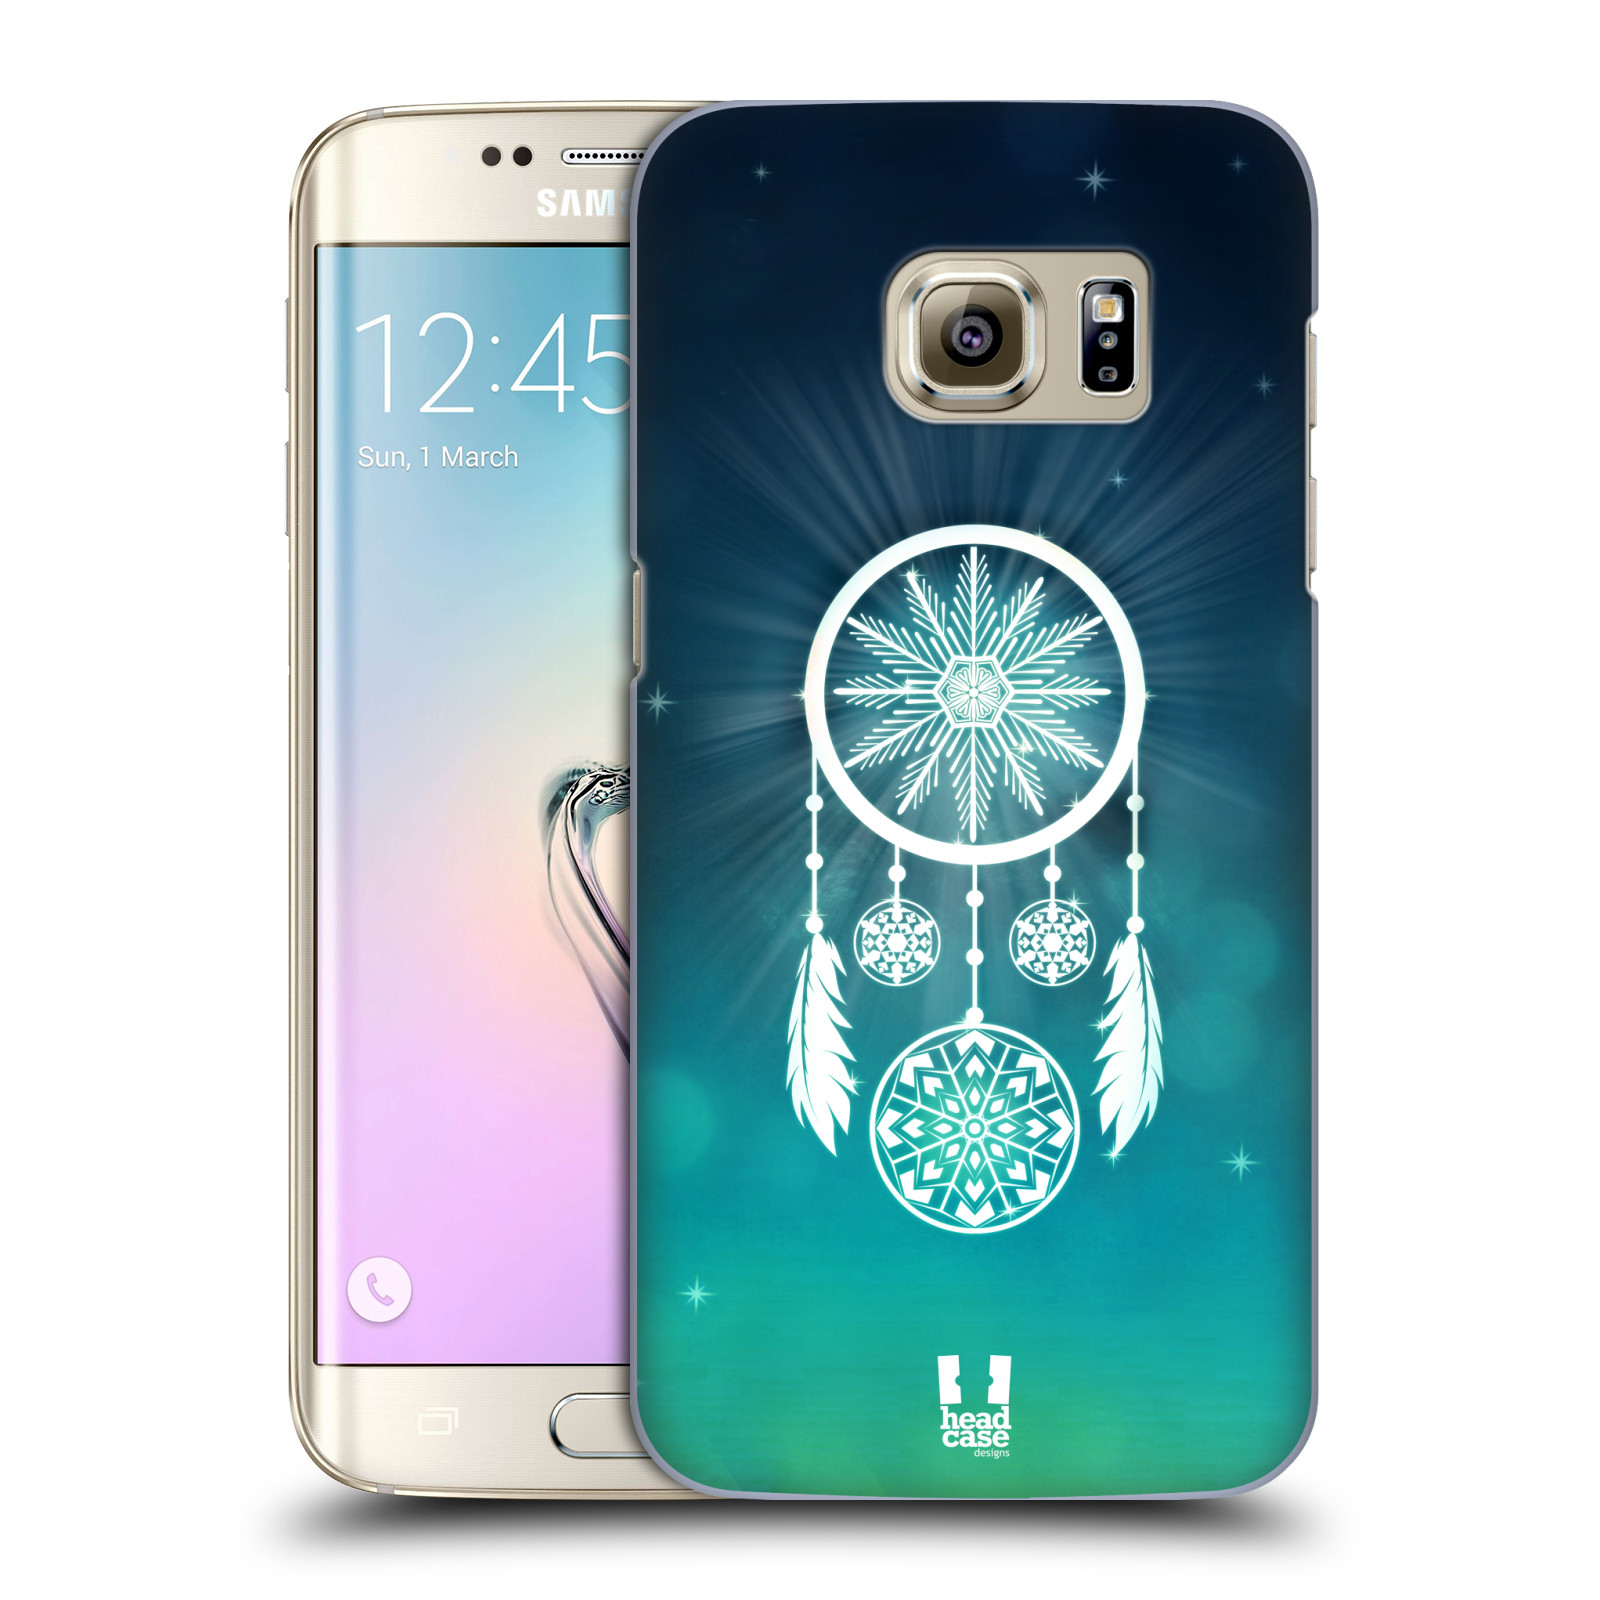 Plastové pouzdro na mobil Samsung Galaxy S7 Edge HEAD CASE Lapač vločky (Kryt či obal na mobilní telefon Samsung Galaxy S7 Edge SM-G935F)